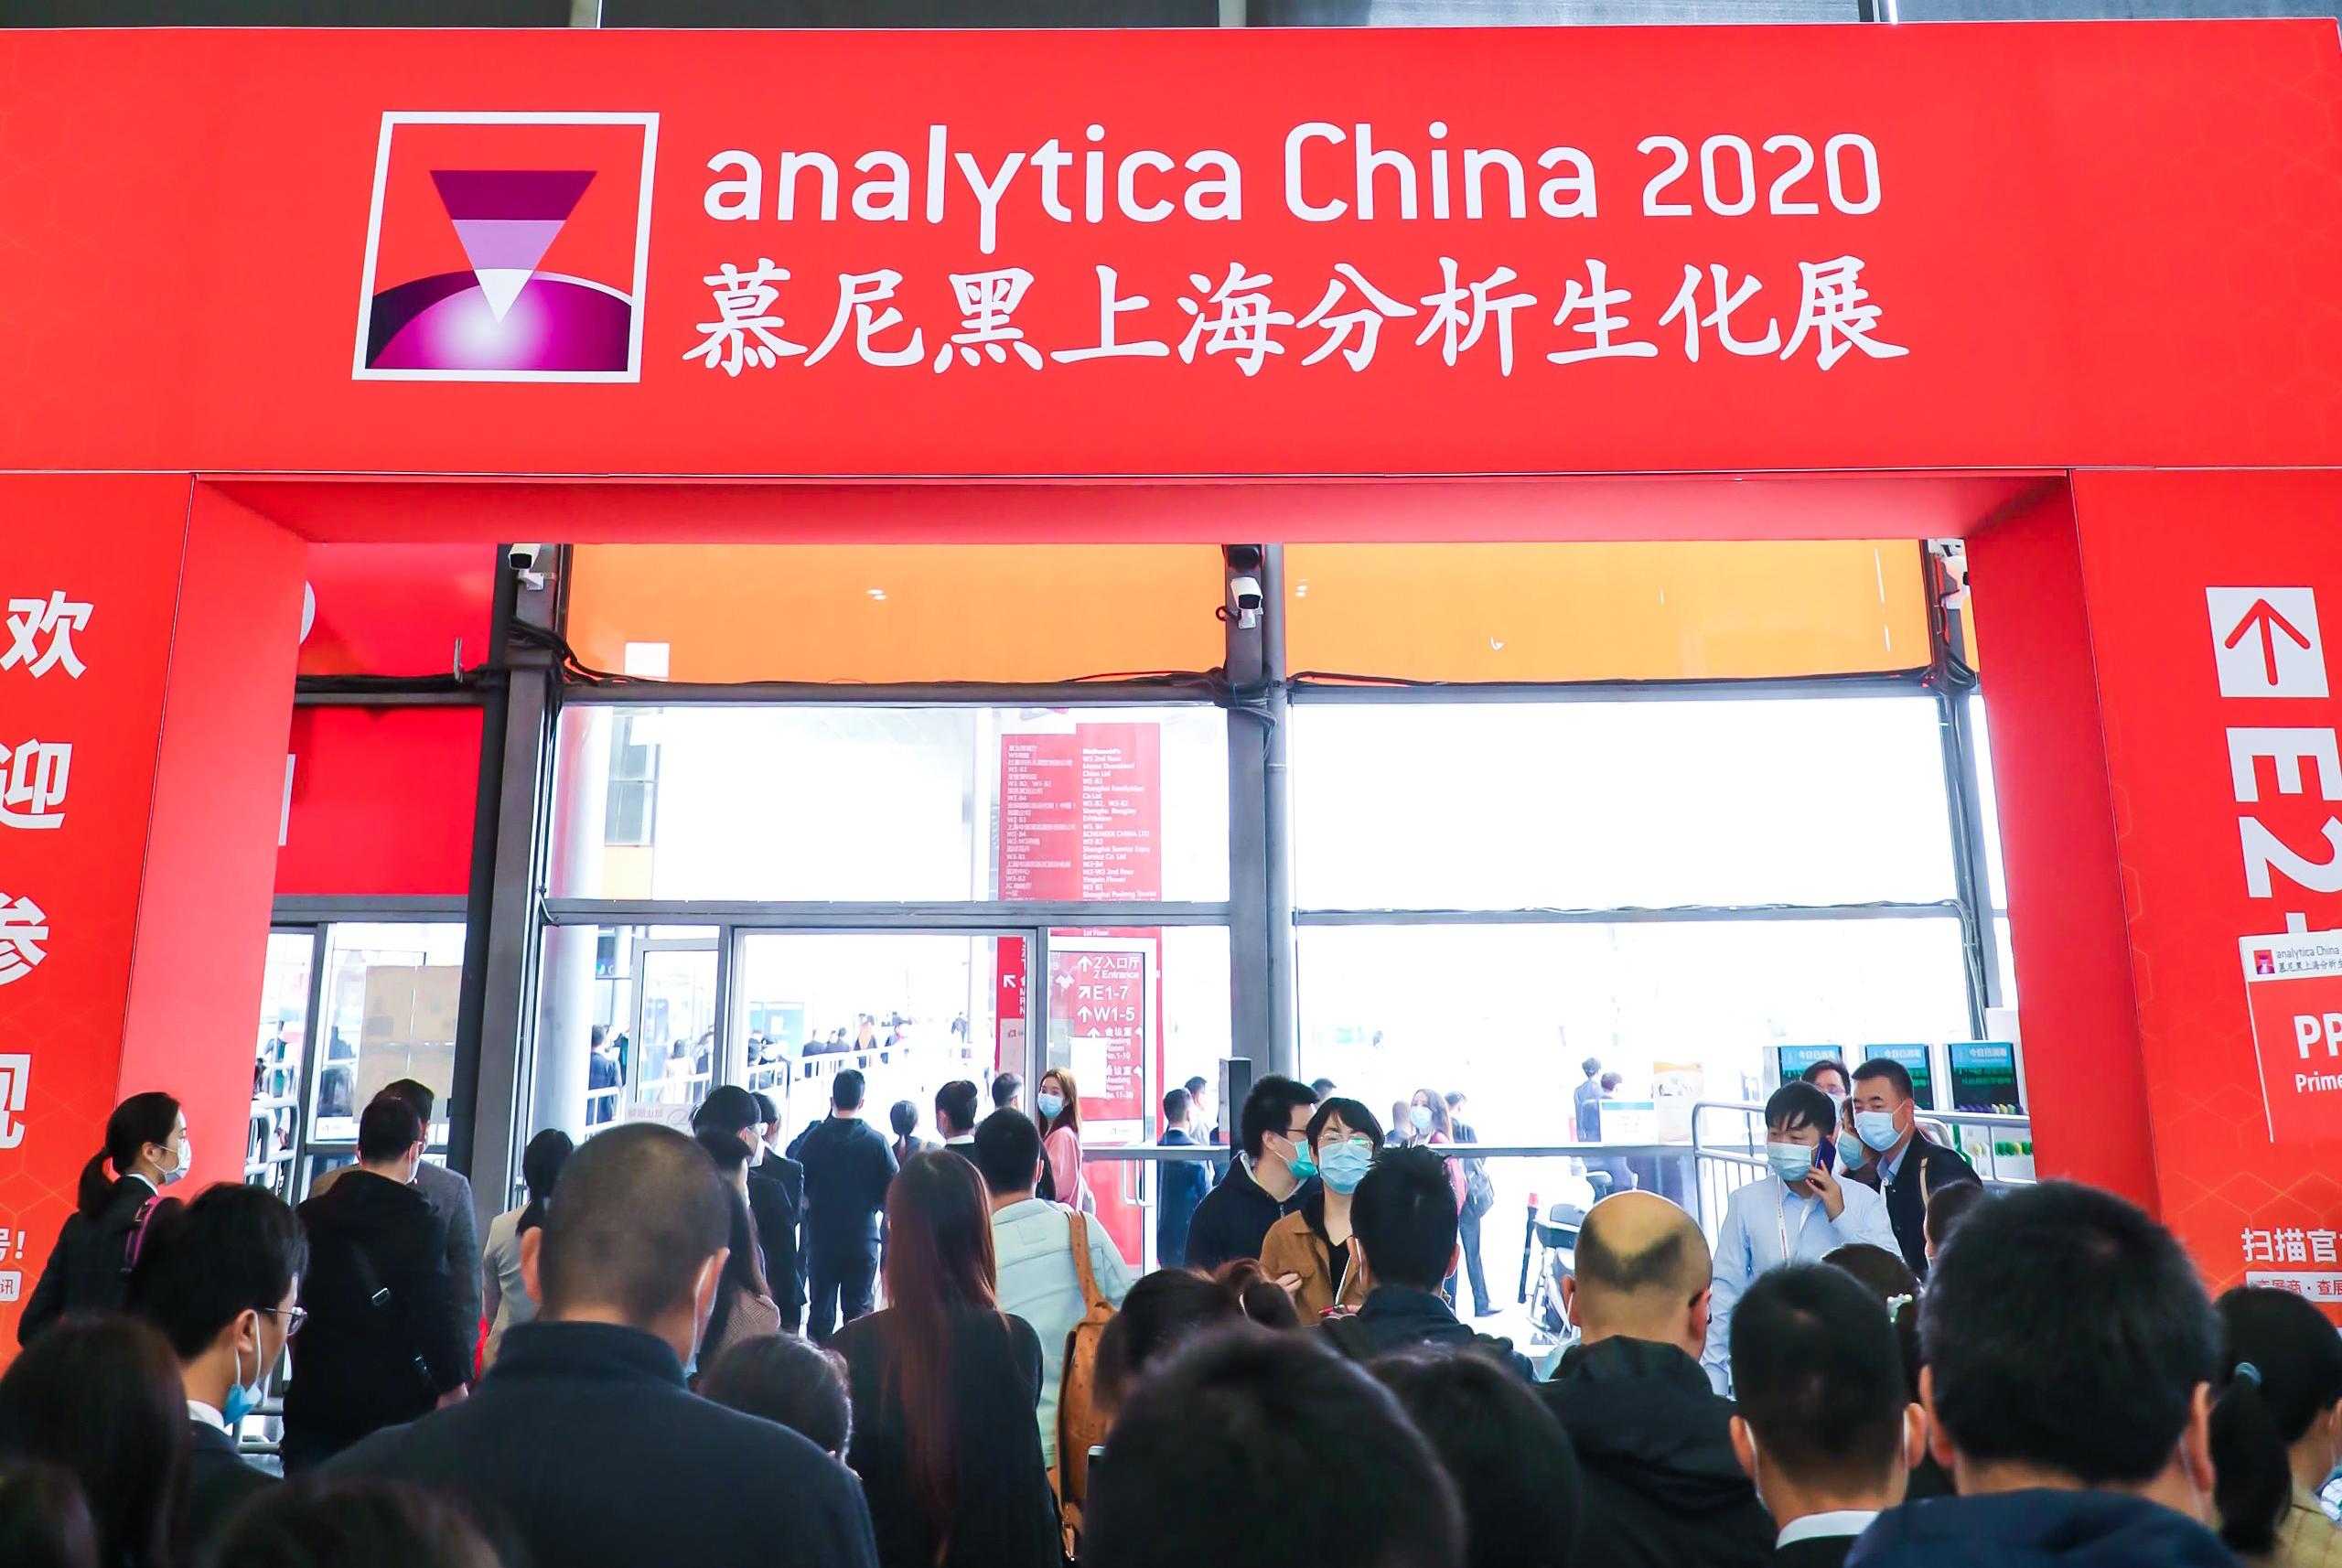 2020慕尼黑生化展�Q�analycita China�Q�在沪盛大召开